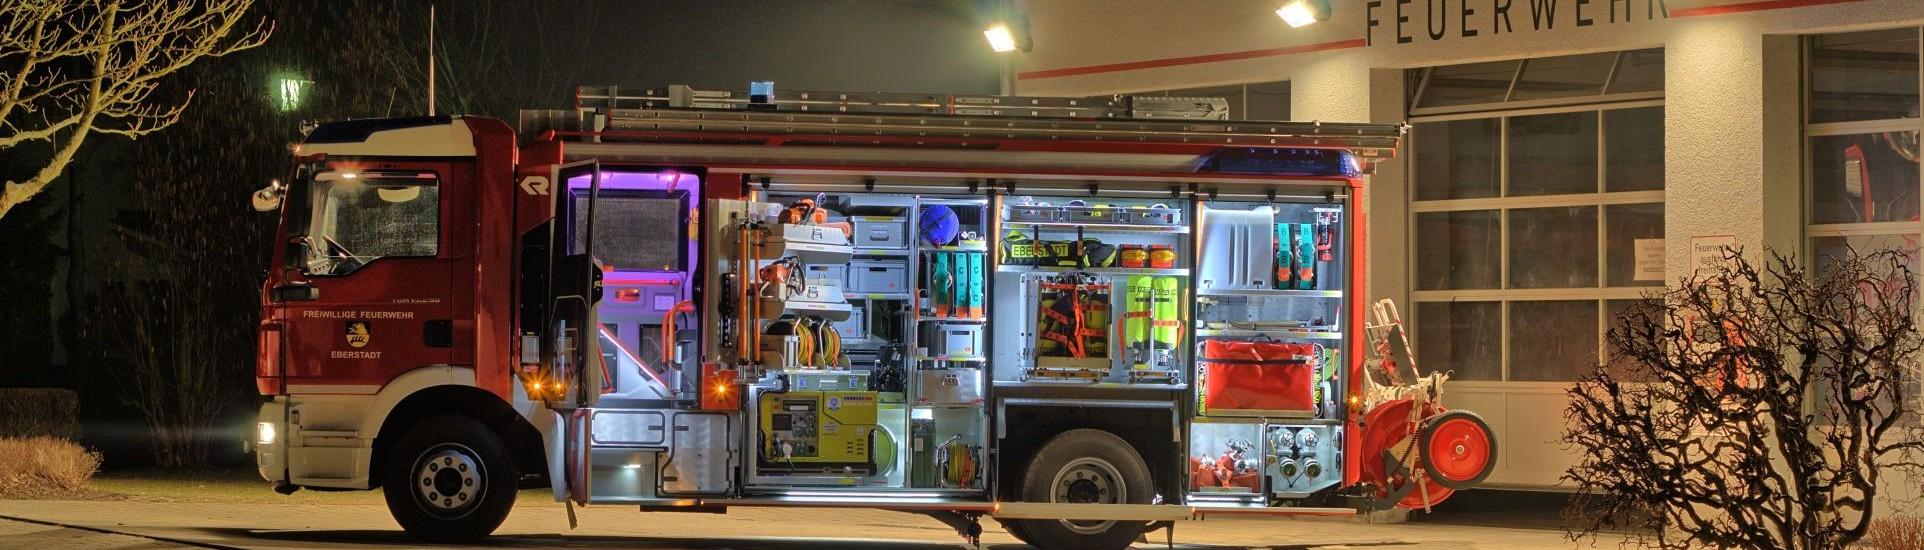 (c) 2015 Thomas Kloppholz - Erstellt für die Freiwillige Feuerwehr Eberstadt